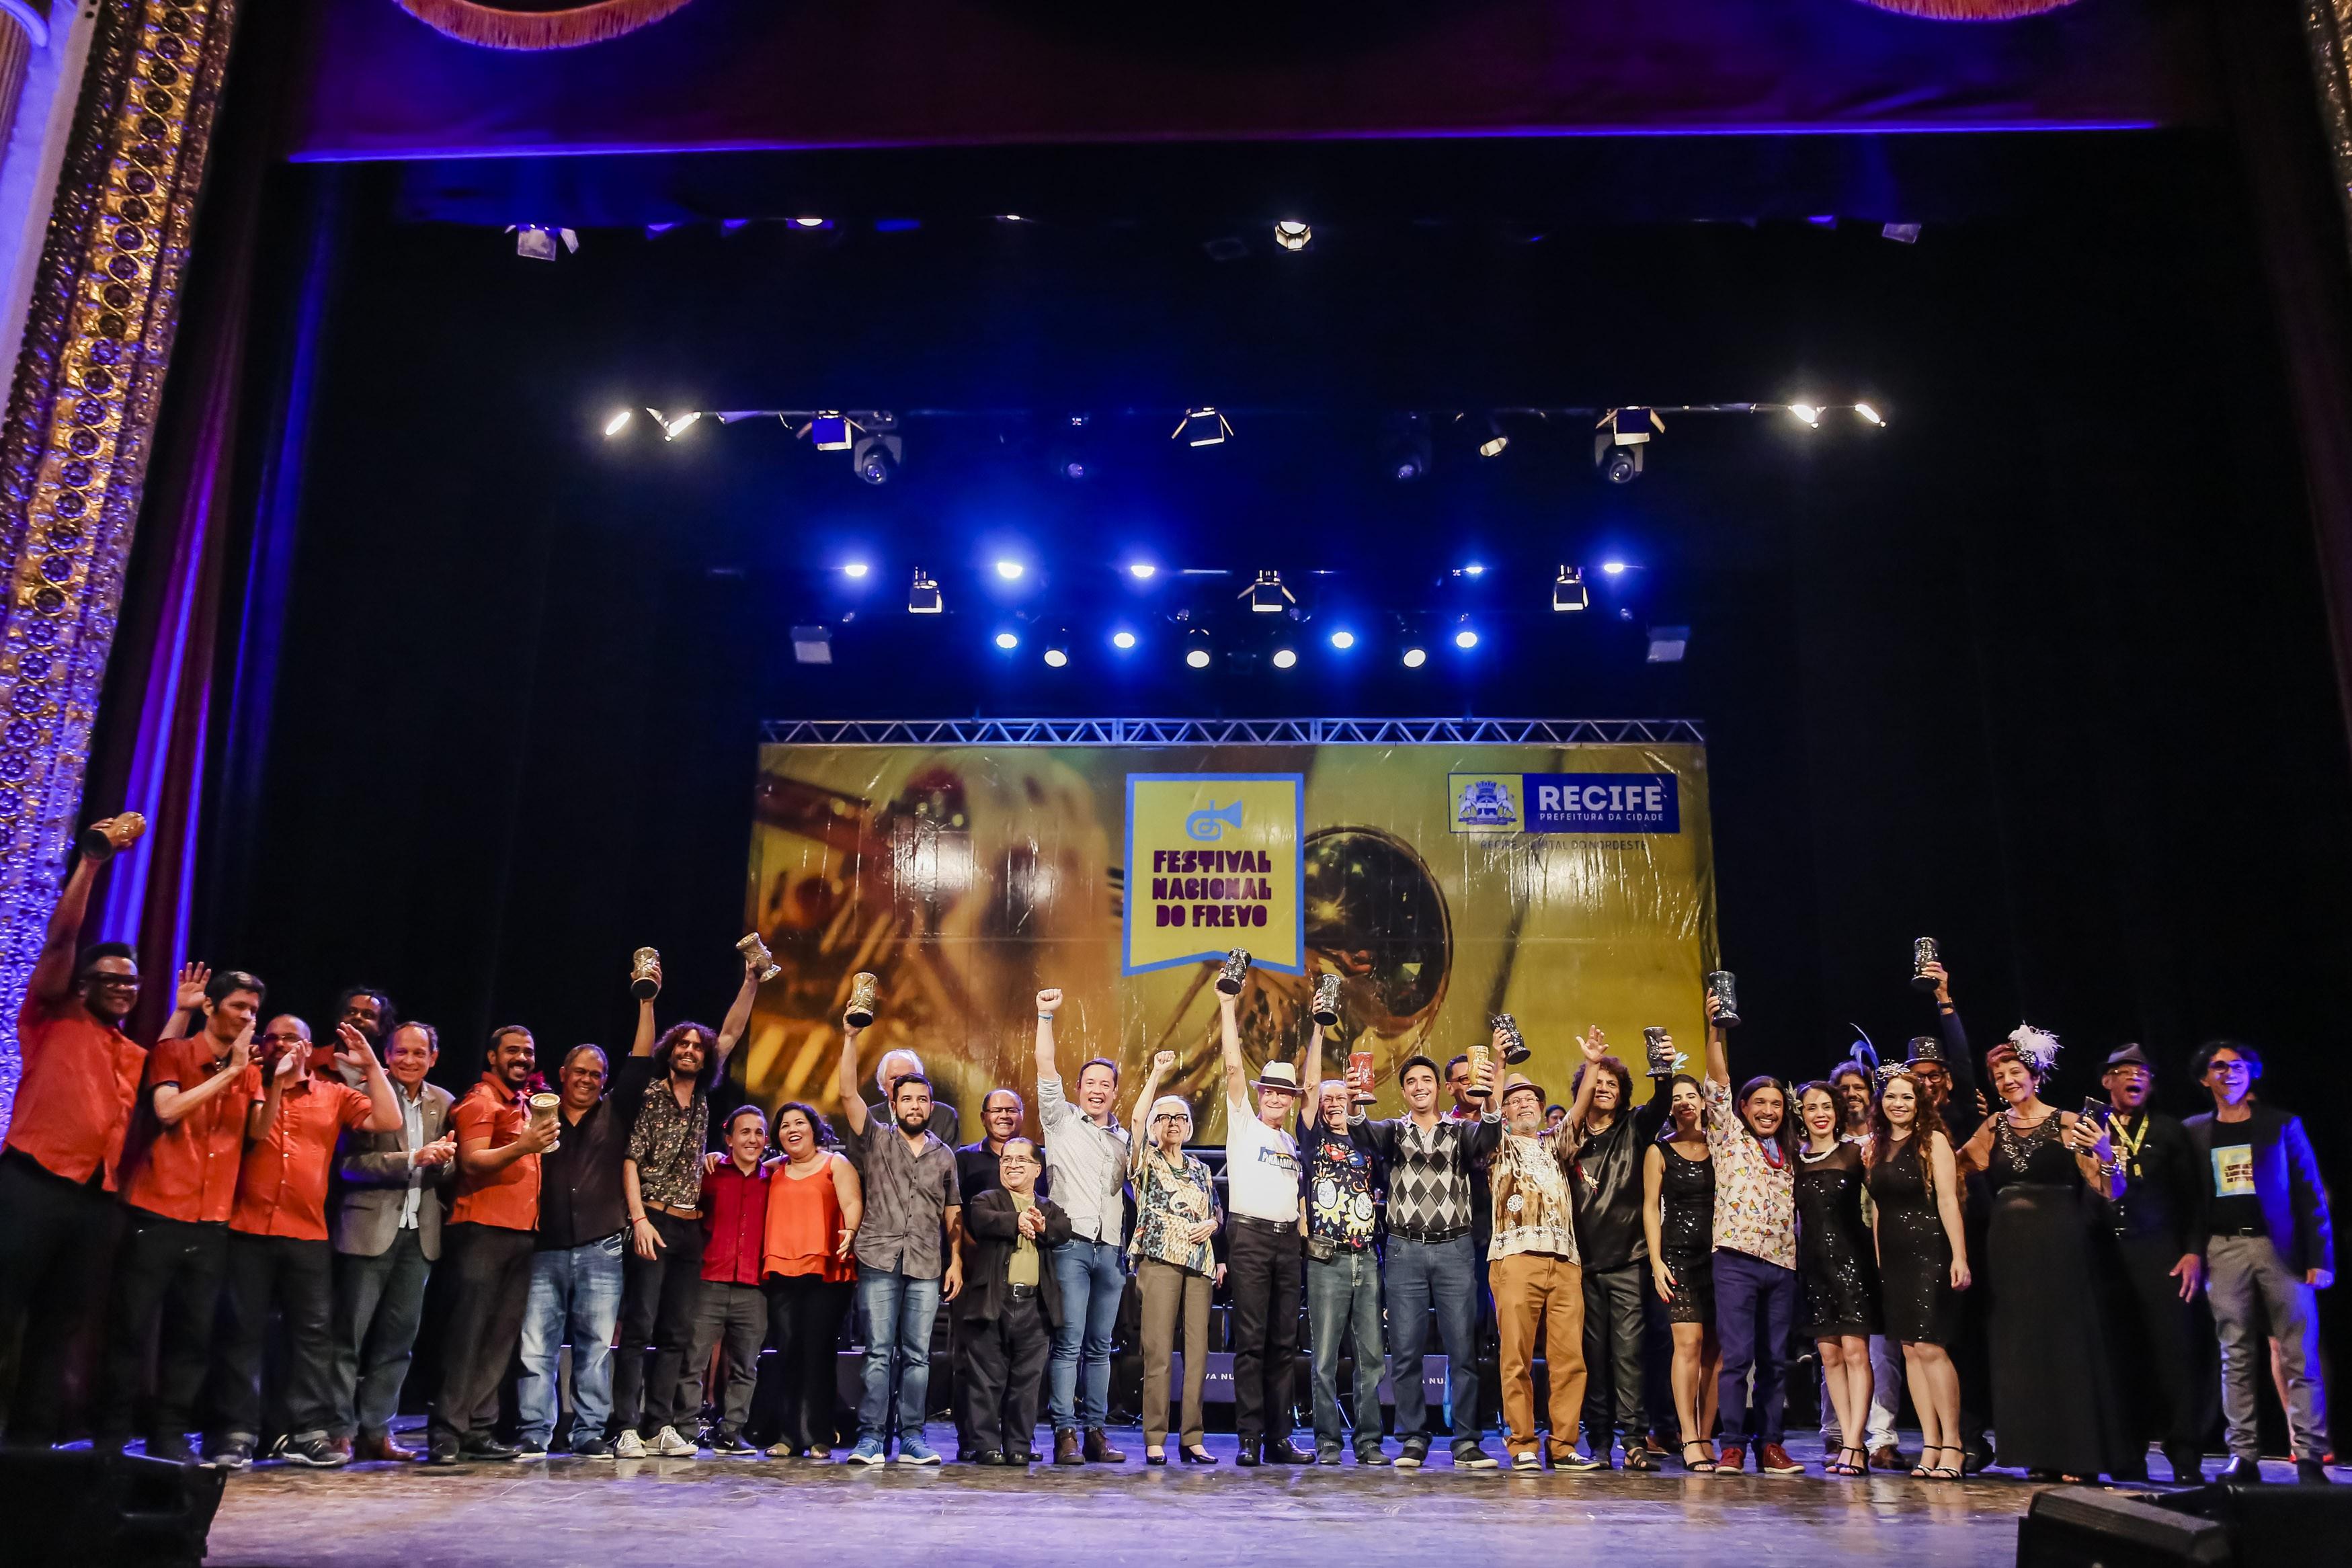 Festival Nacional do Frevo premia vencedores